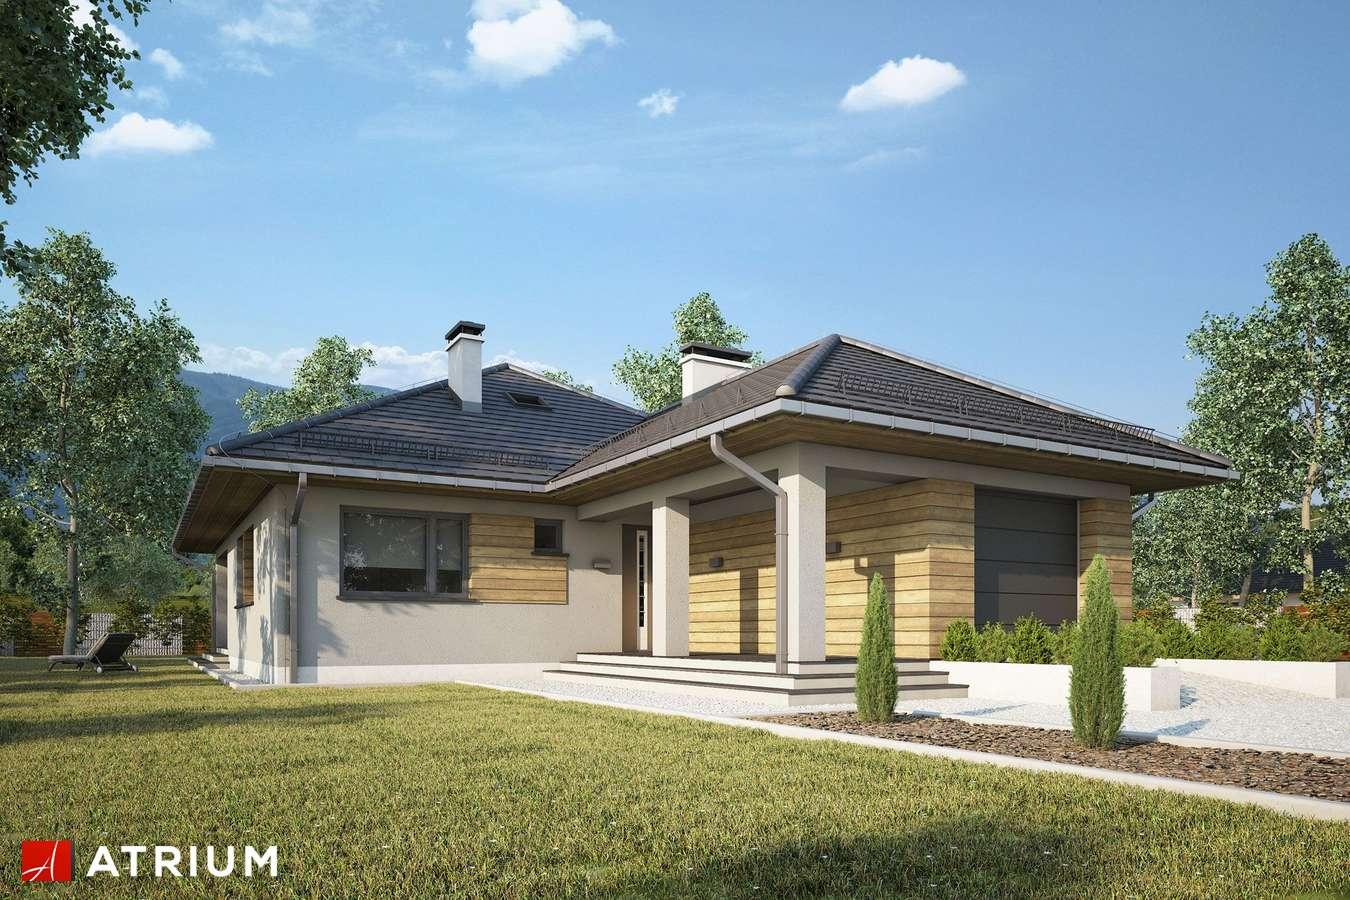 Projekty domów - Projekt domu parterowego TIP TOP IV - wizualizacja 2 - wersja lustrzana